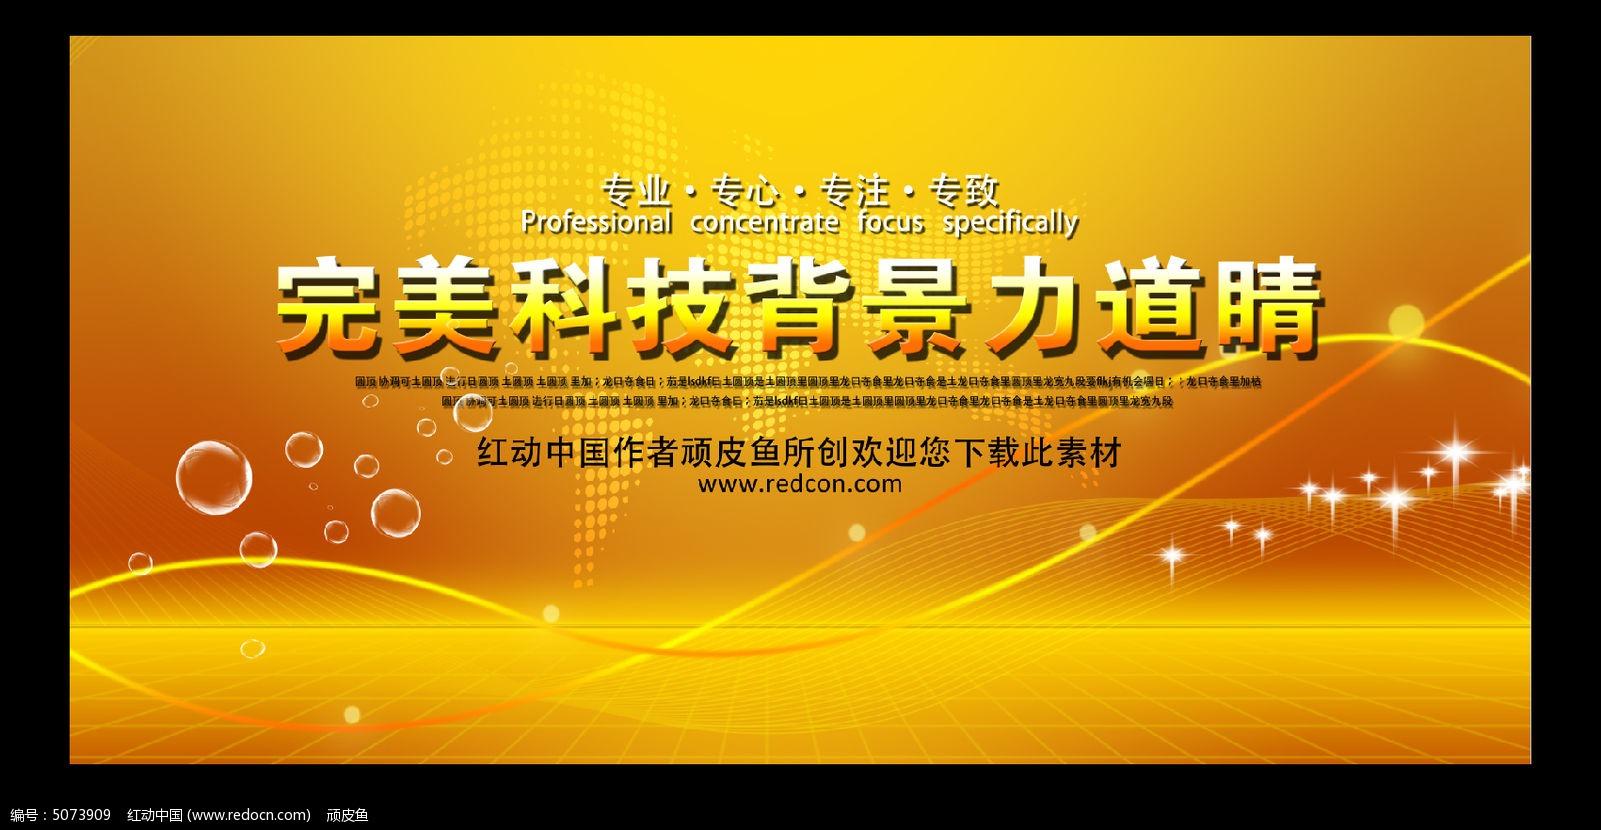 户外广告 户外喷绘 黄色 黄色展板 会议背景 会议展板 活动背景 金色